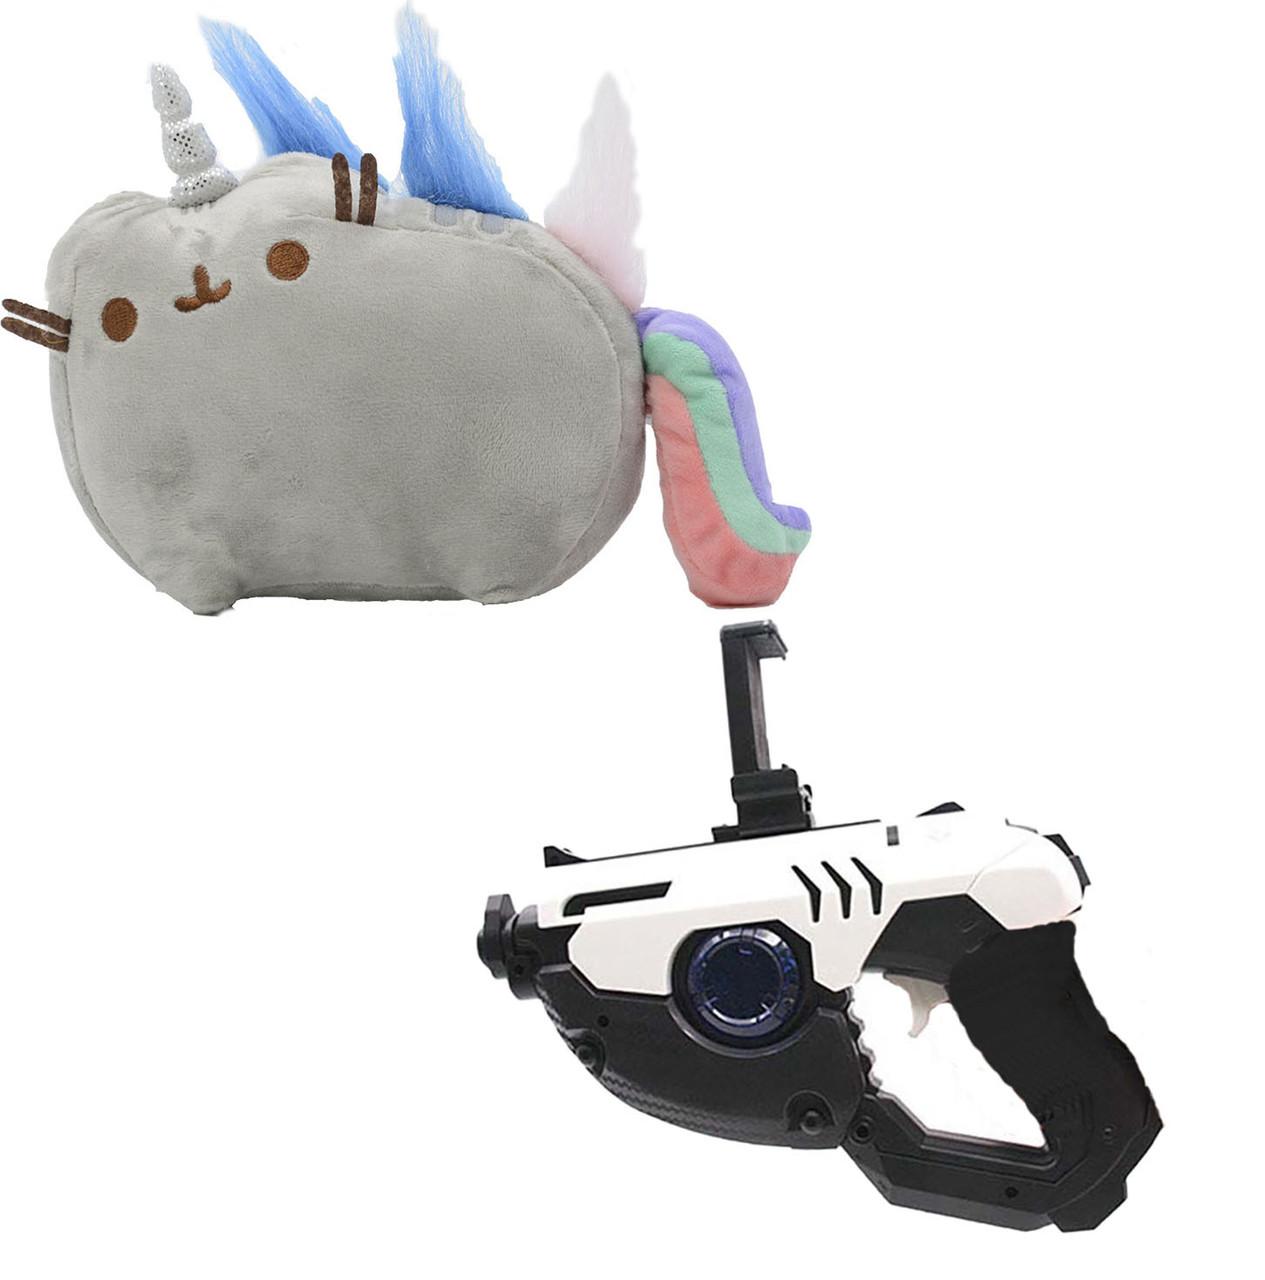 Комплект Мягкая игрушка кот-единорог радуга Pusheen cat и Пистолет дополненной реальности Белый (vol-668)